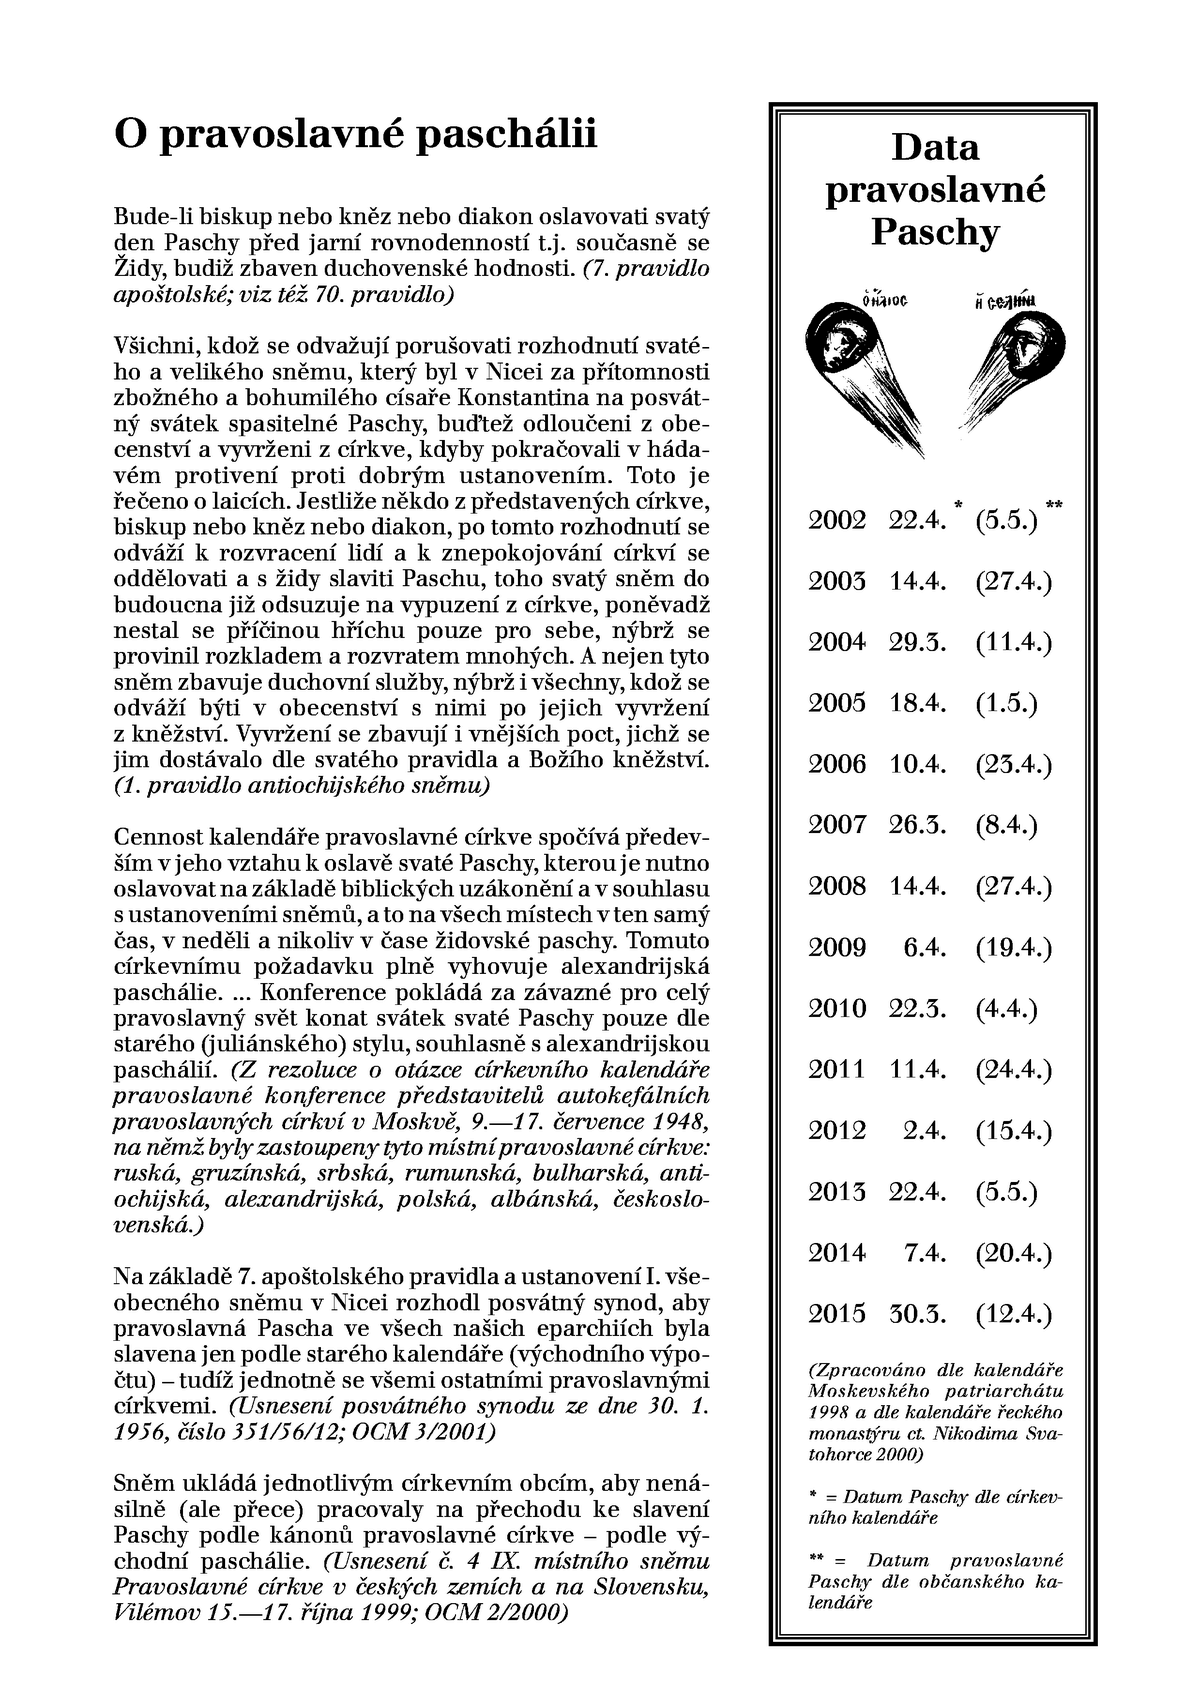 kalendar se jmeny svatku Pravoslavný kalendář kalendar se jmeny svatku